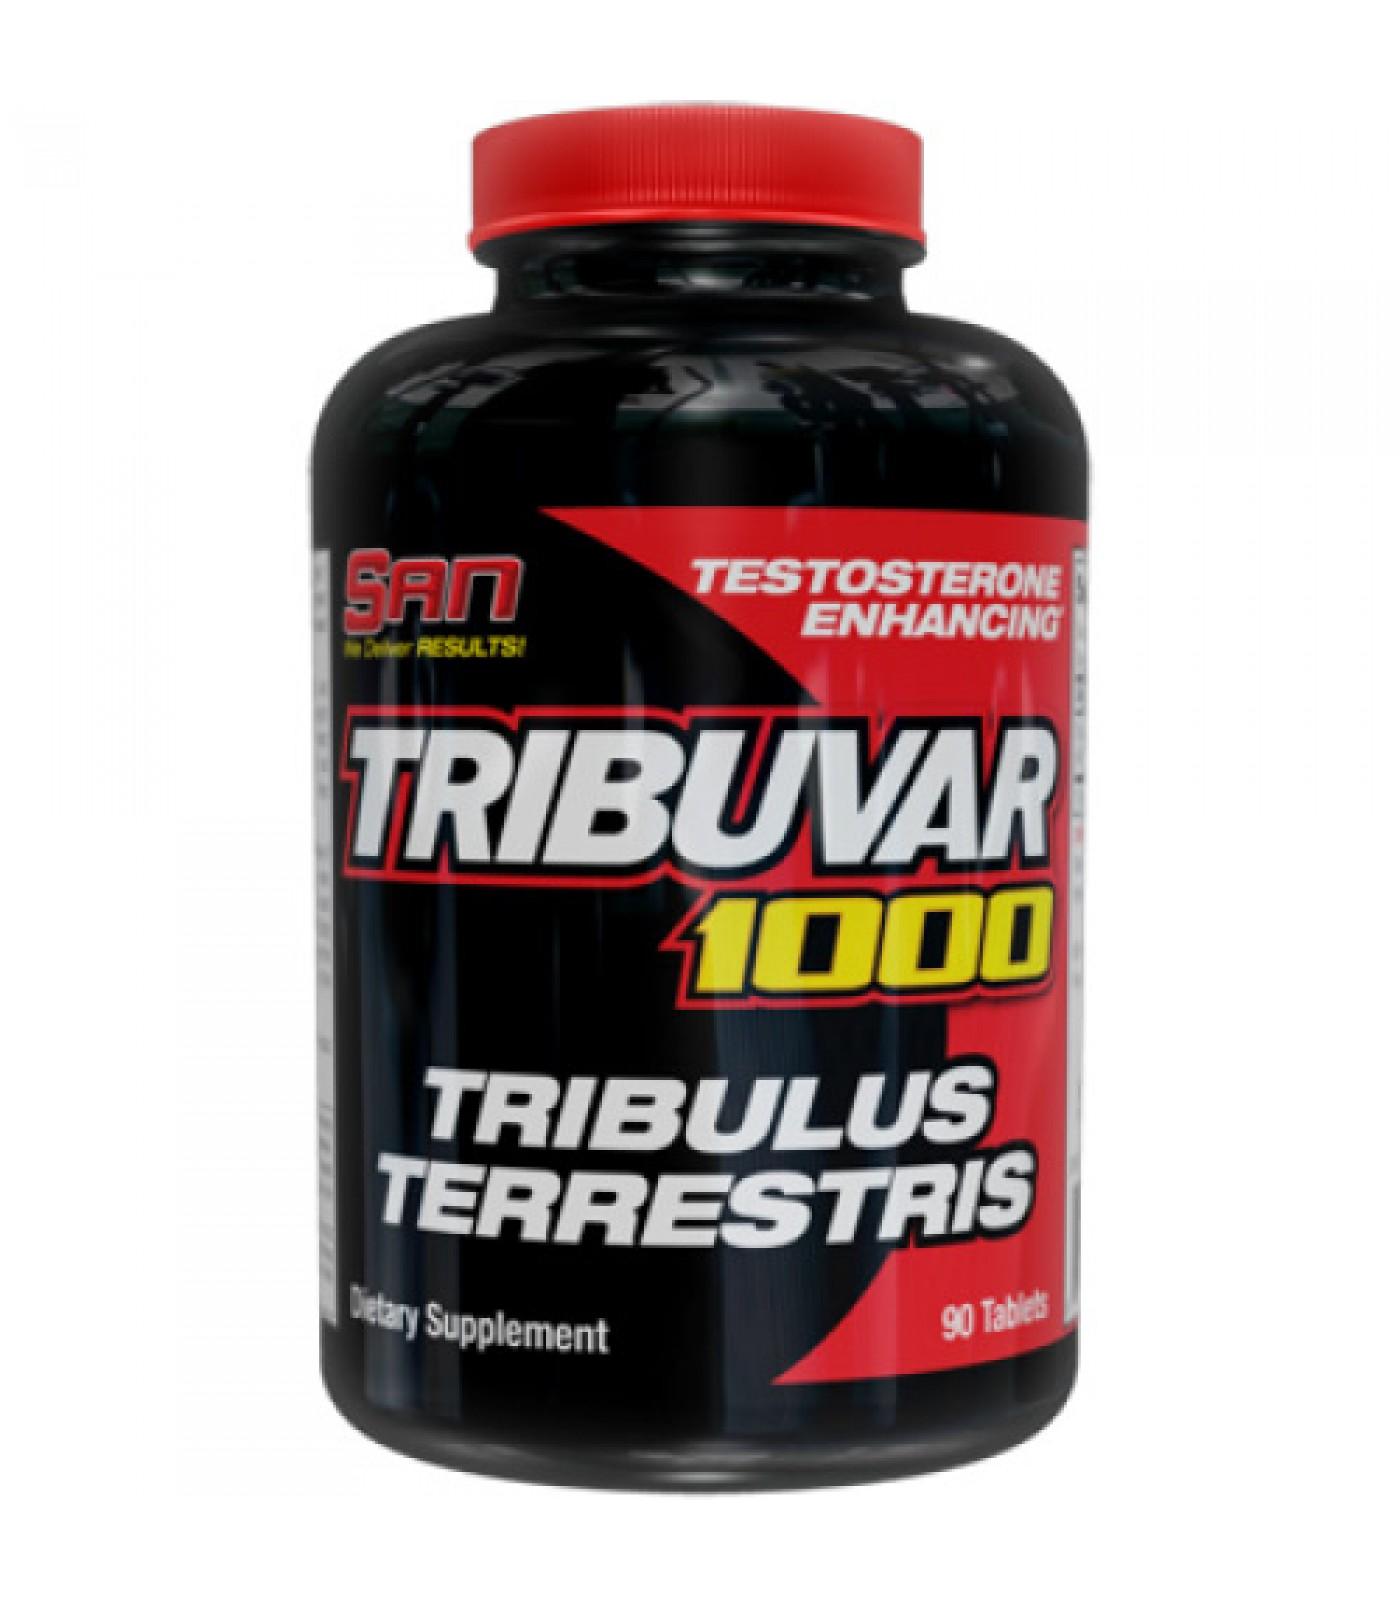 SAN - Tribuvar 1000 / 180 caps.